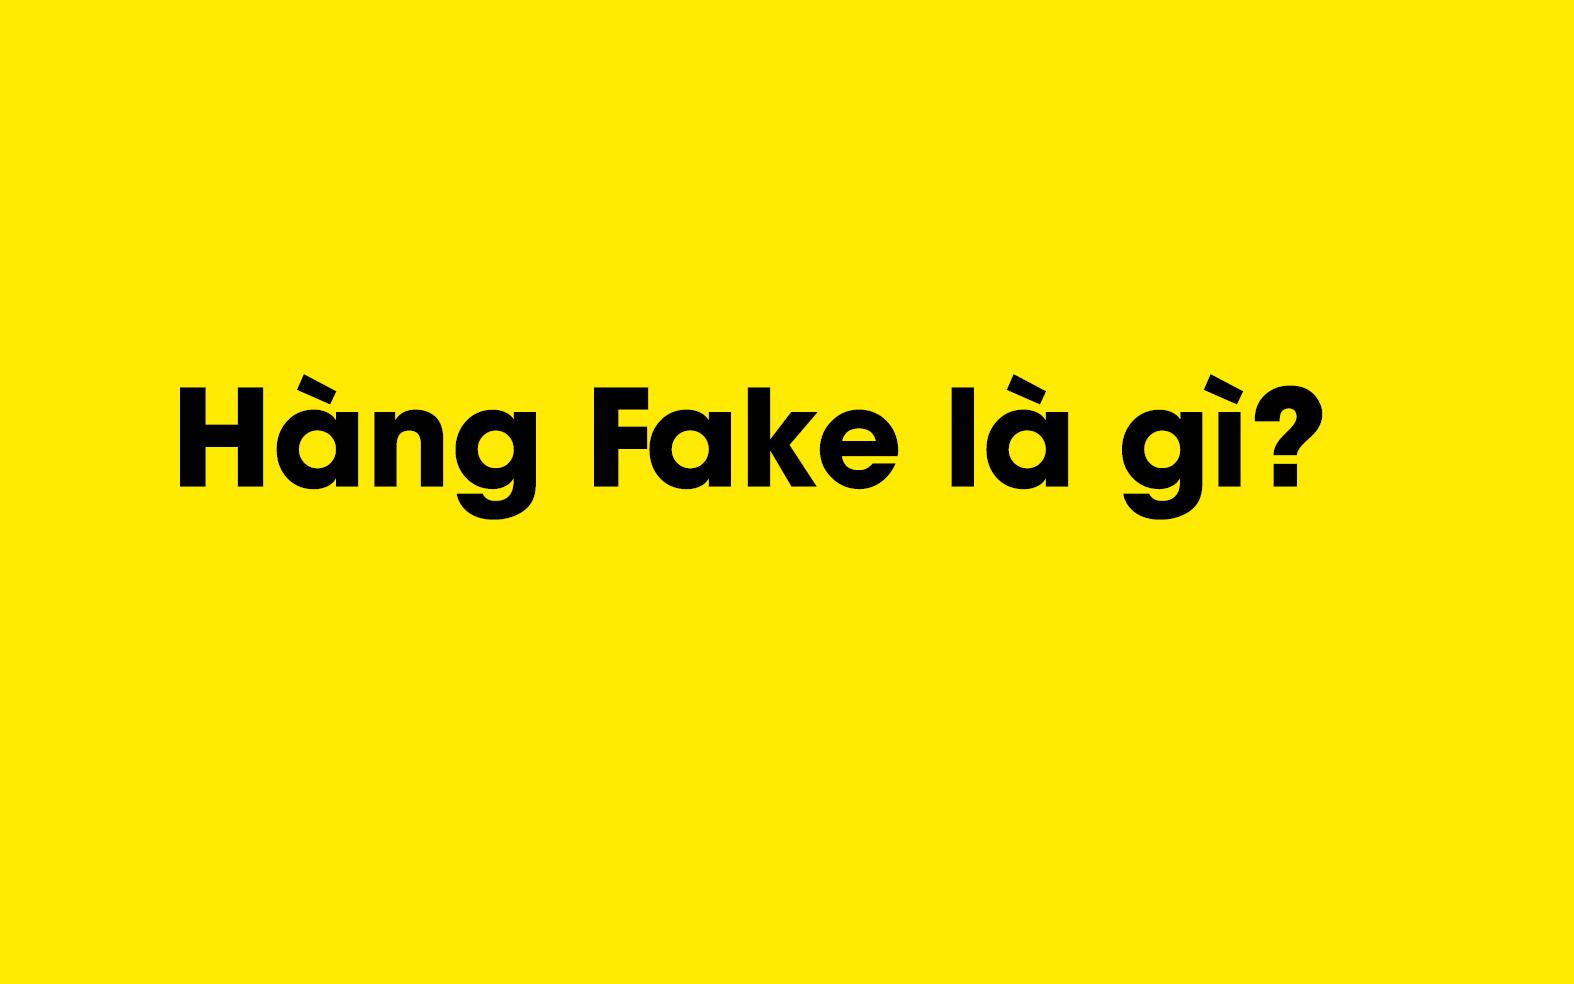 Hàng Fake là gì? Hàng Super Fake là gì? Kinh nghiệm nhận biết, phân biệt